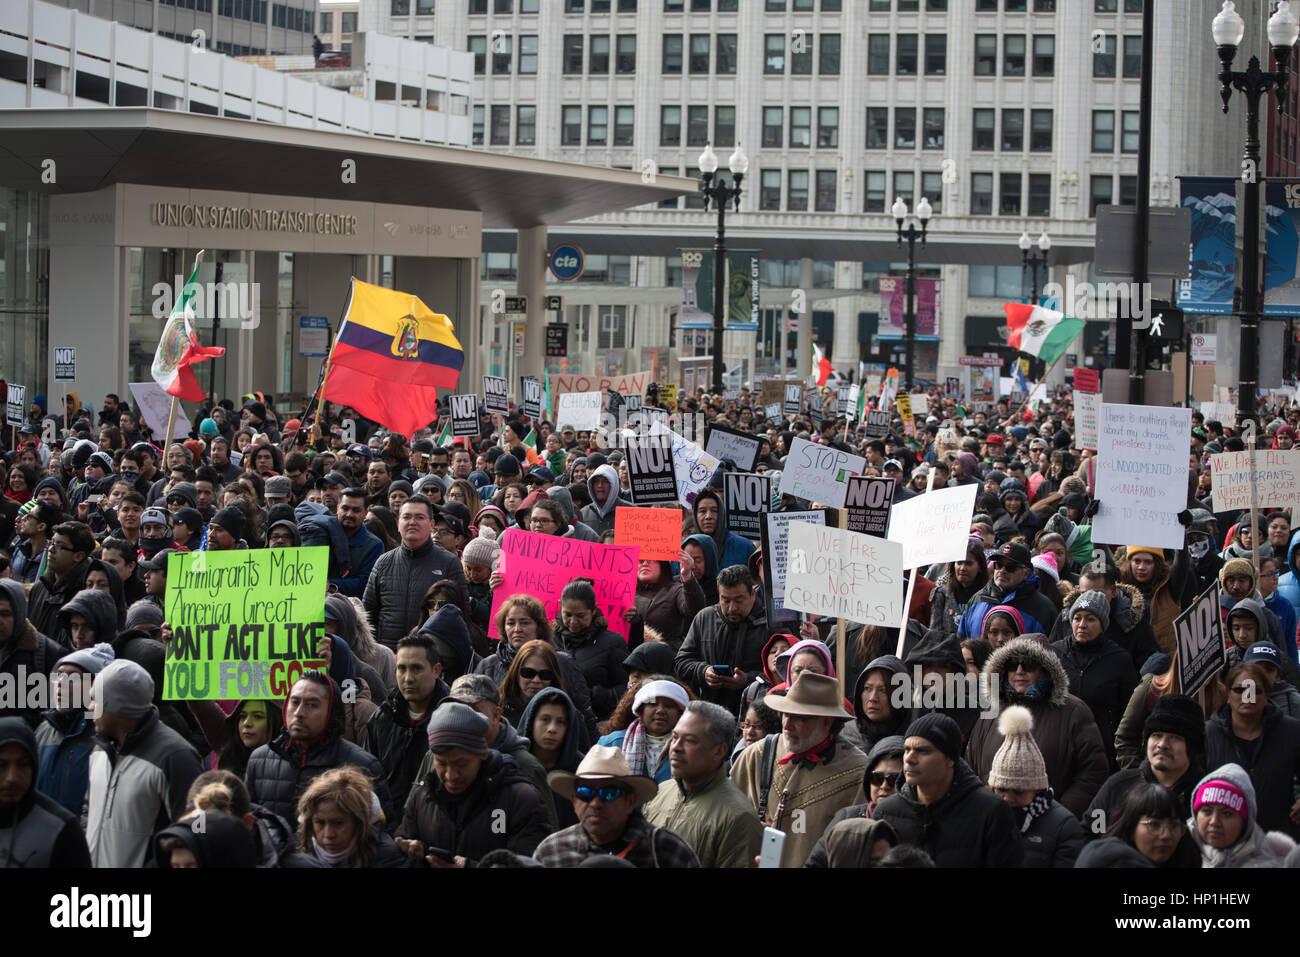 Chicago, Estados Unidos. 16 Feb, 2017. Los manifestantes marcharon en Chicago como parte de una protesta nacional Imagen De Stock